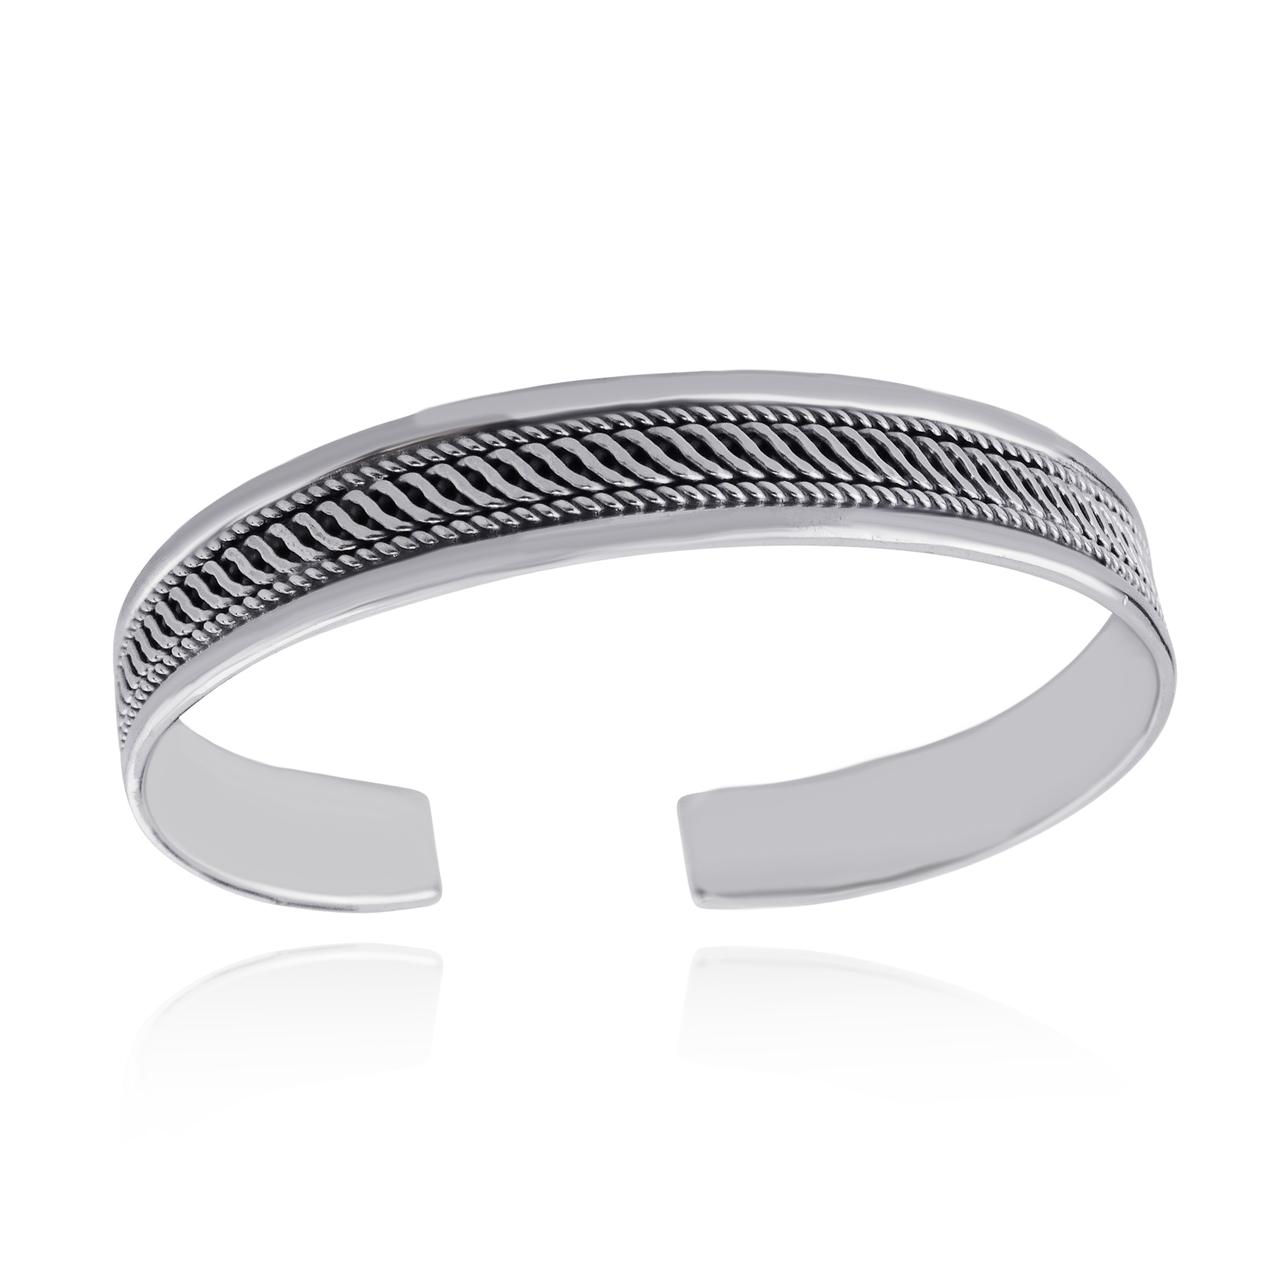 ''7.5'''' Twist Design Cuff Bracelet - 925 Sterling Silver - Textured Adjustable''